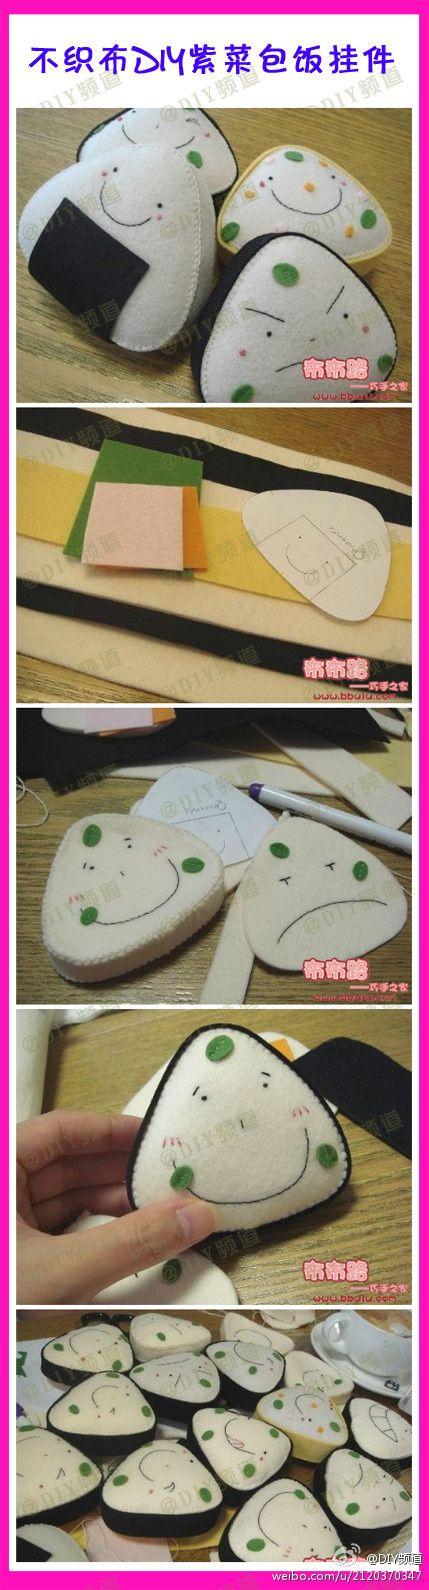 Cute onigiri felt plush